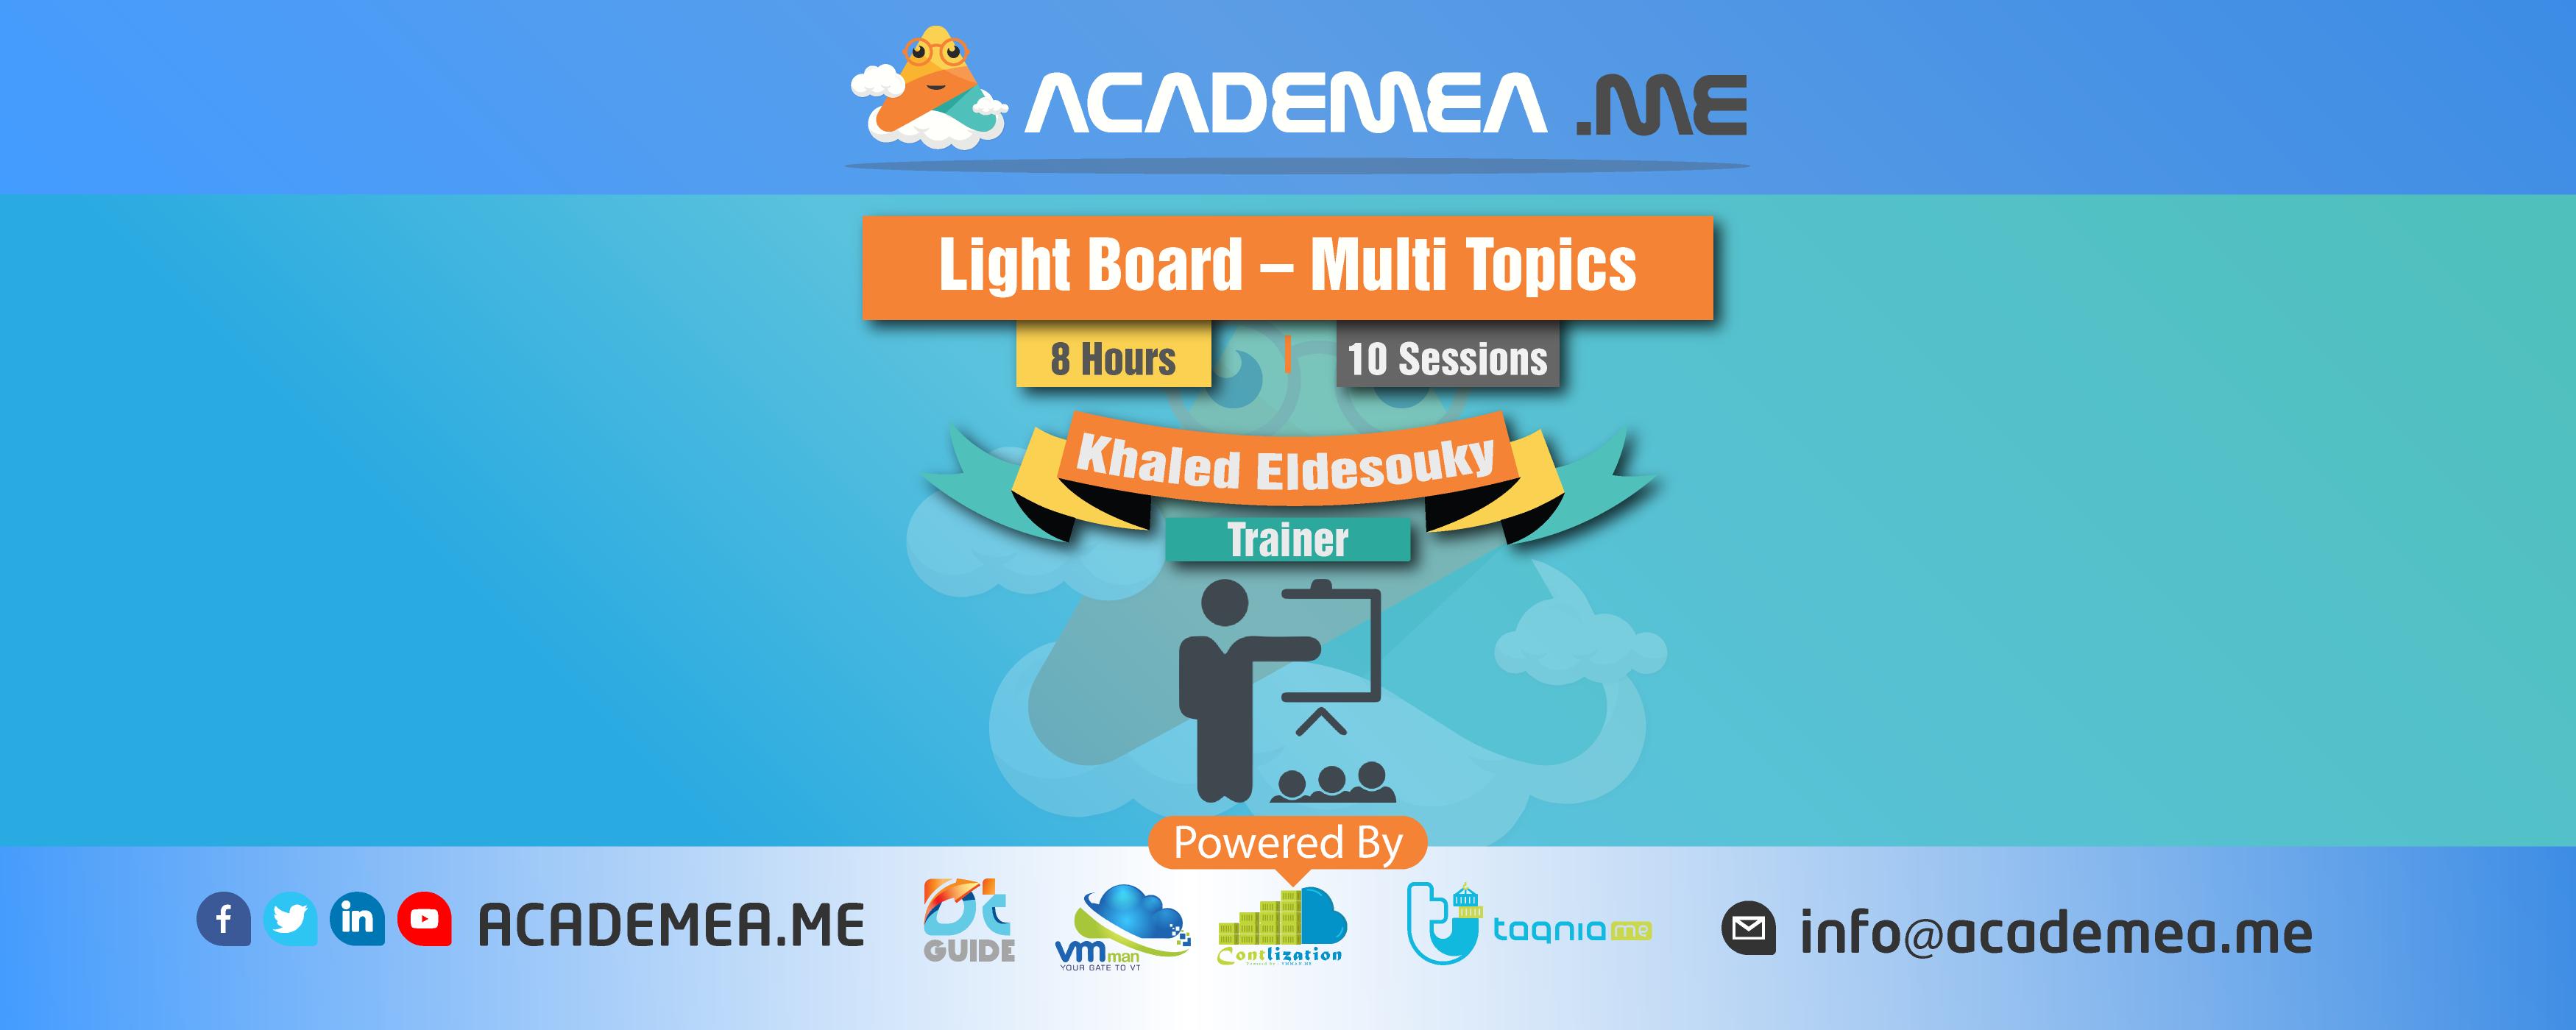 Light Board – Multi Topics